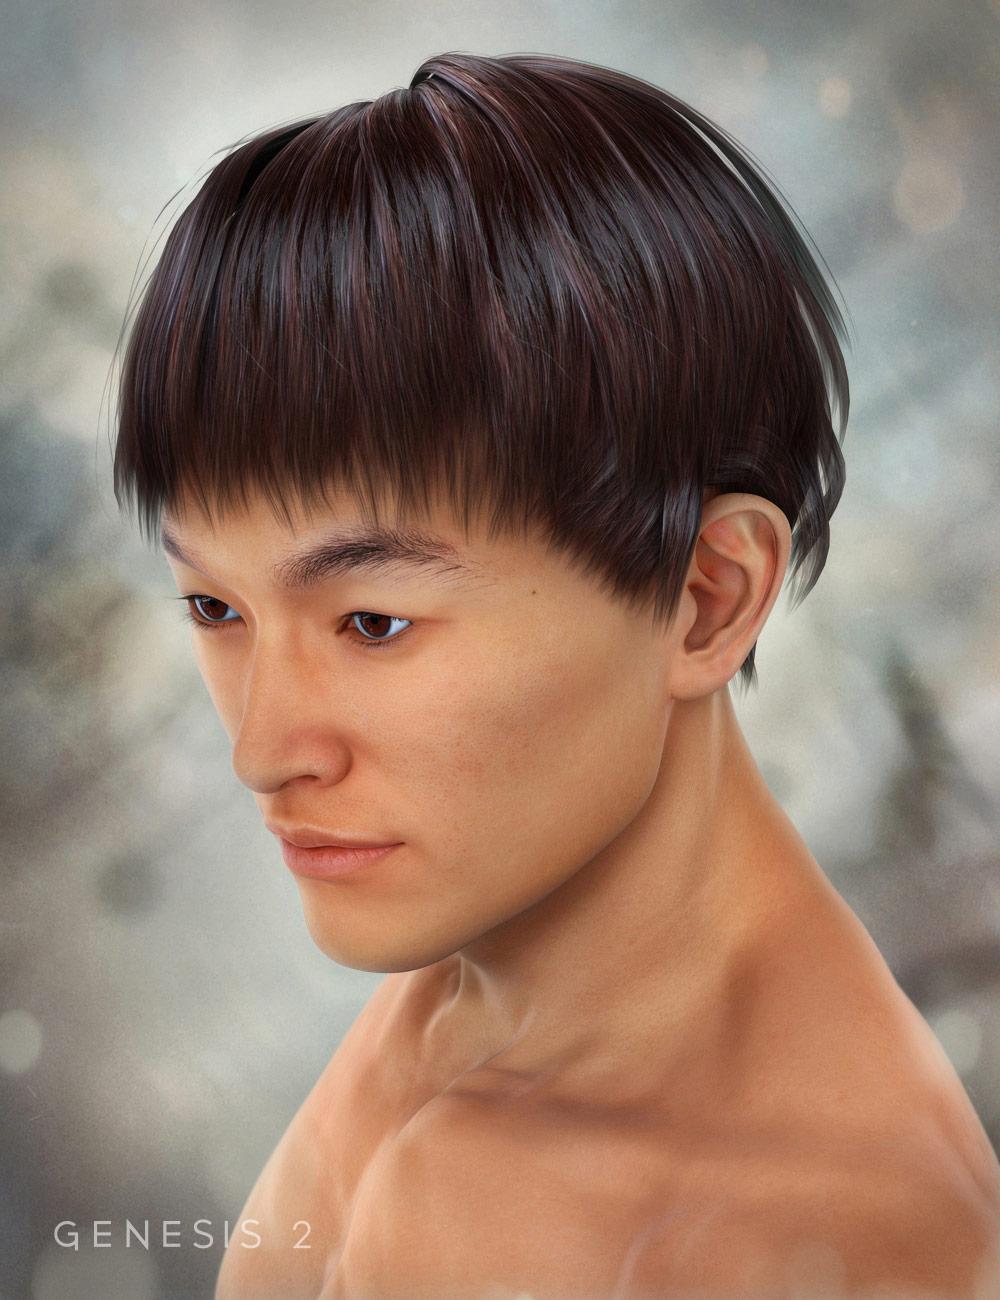 Sai Fon Hair for Genesis 2 Male(s) by: SWAM, 3D Models by Daz 3D